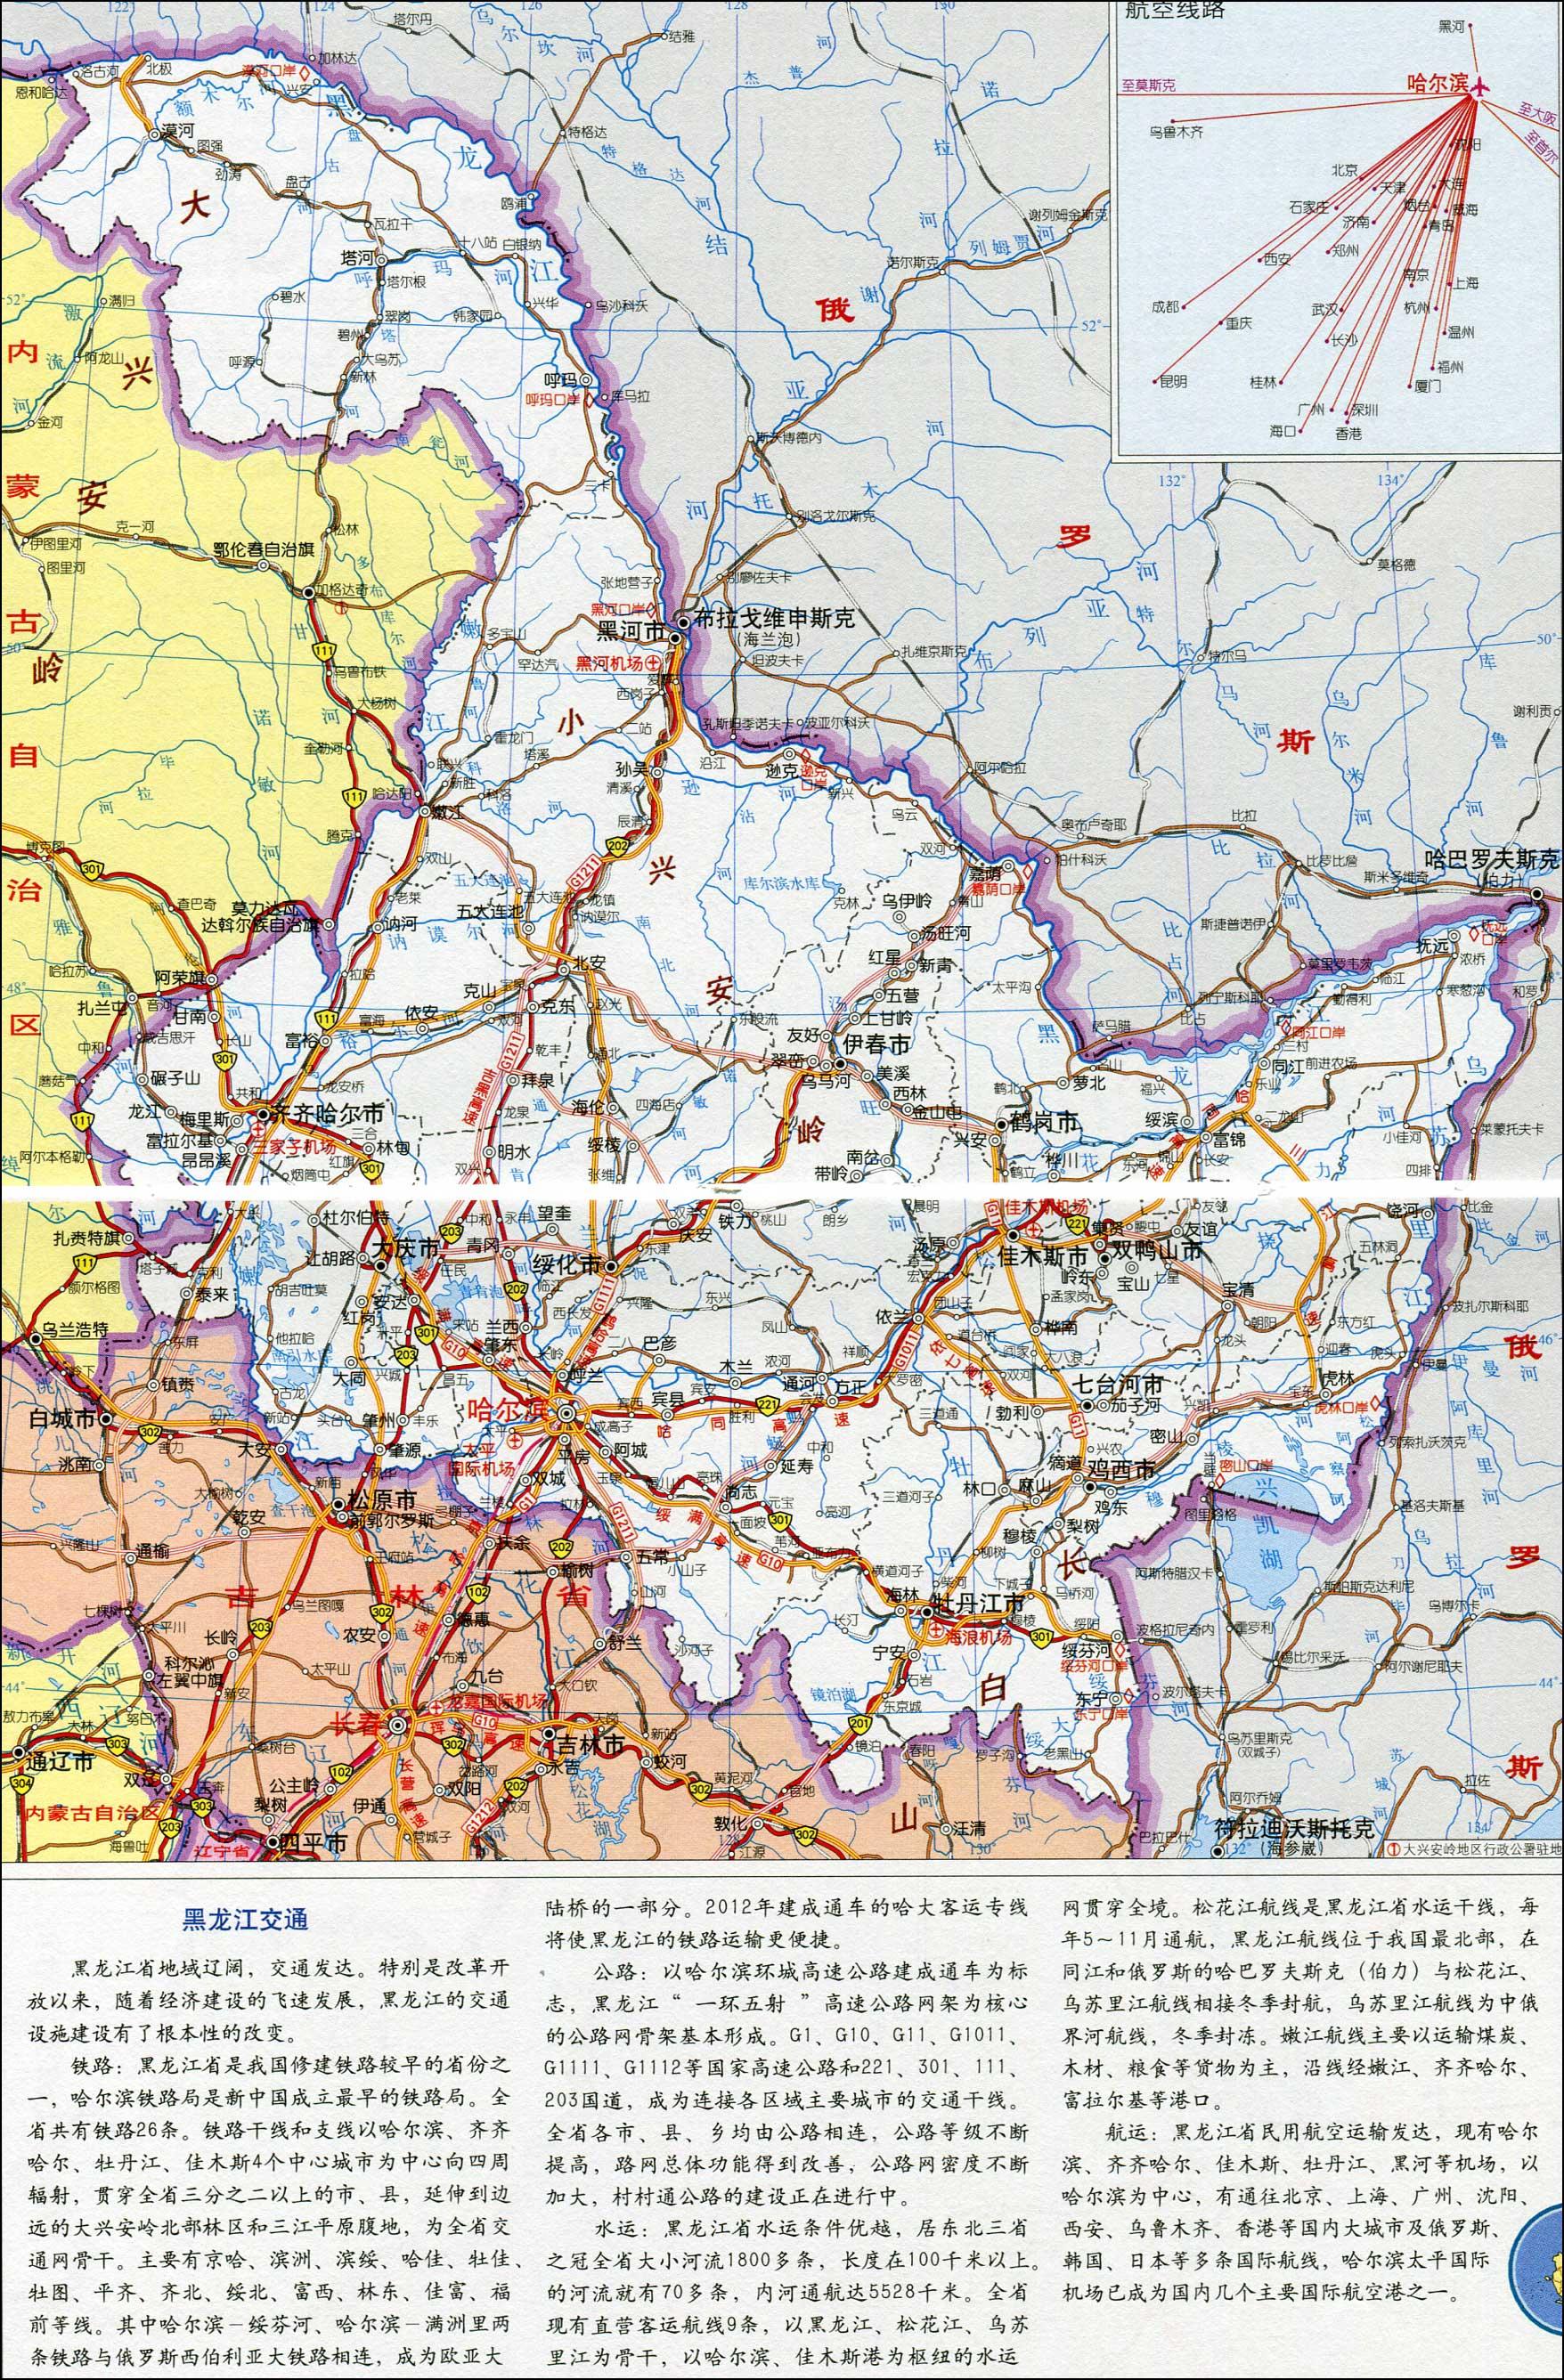 黑龙江地图全图高清版